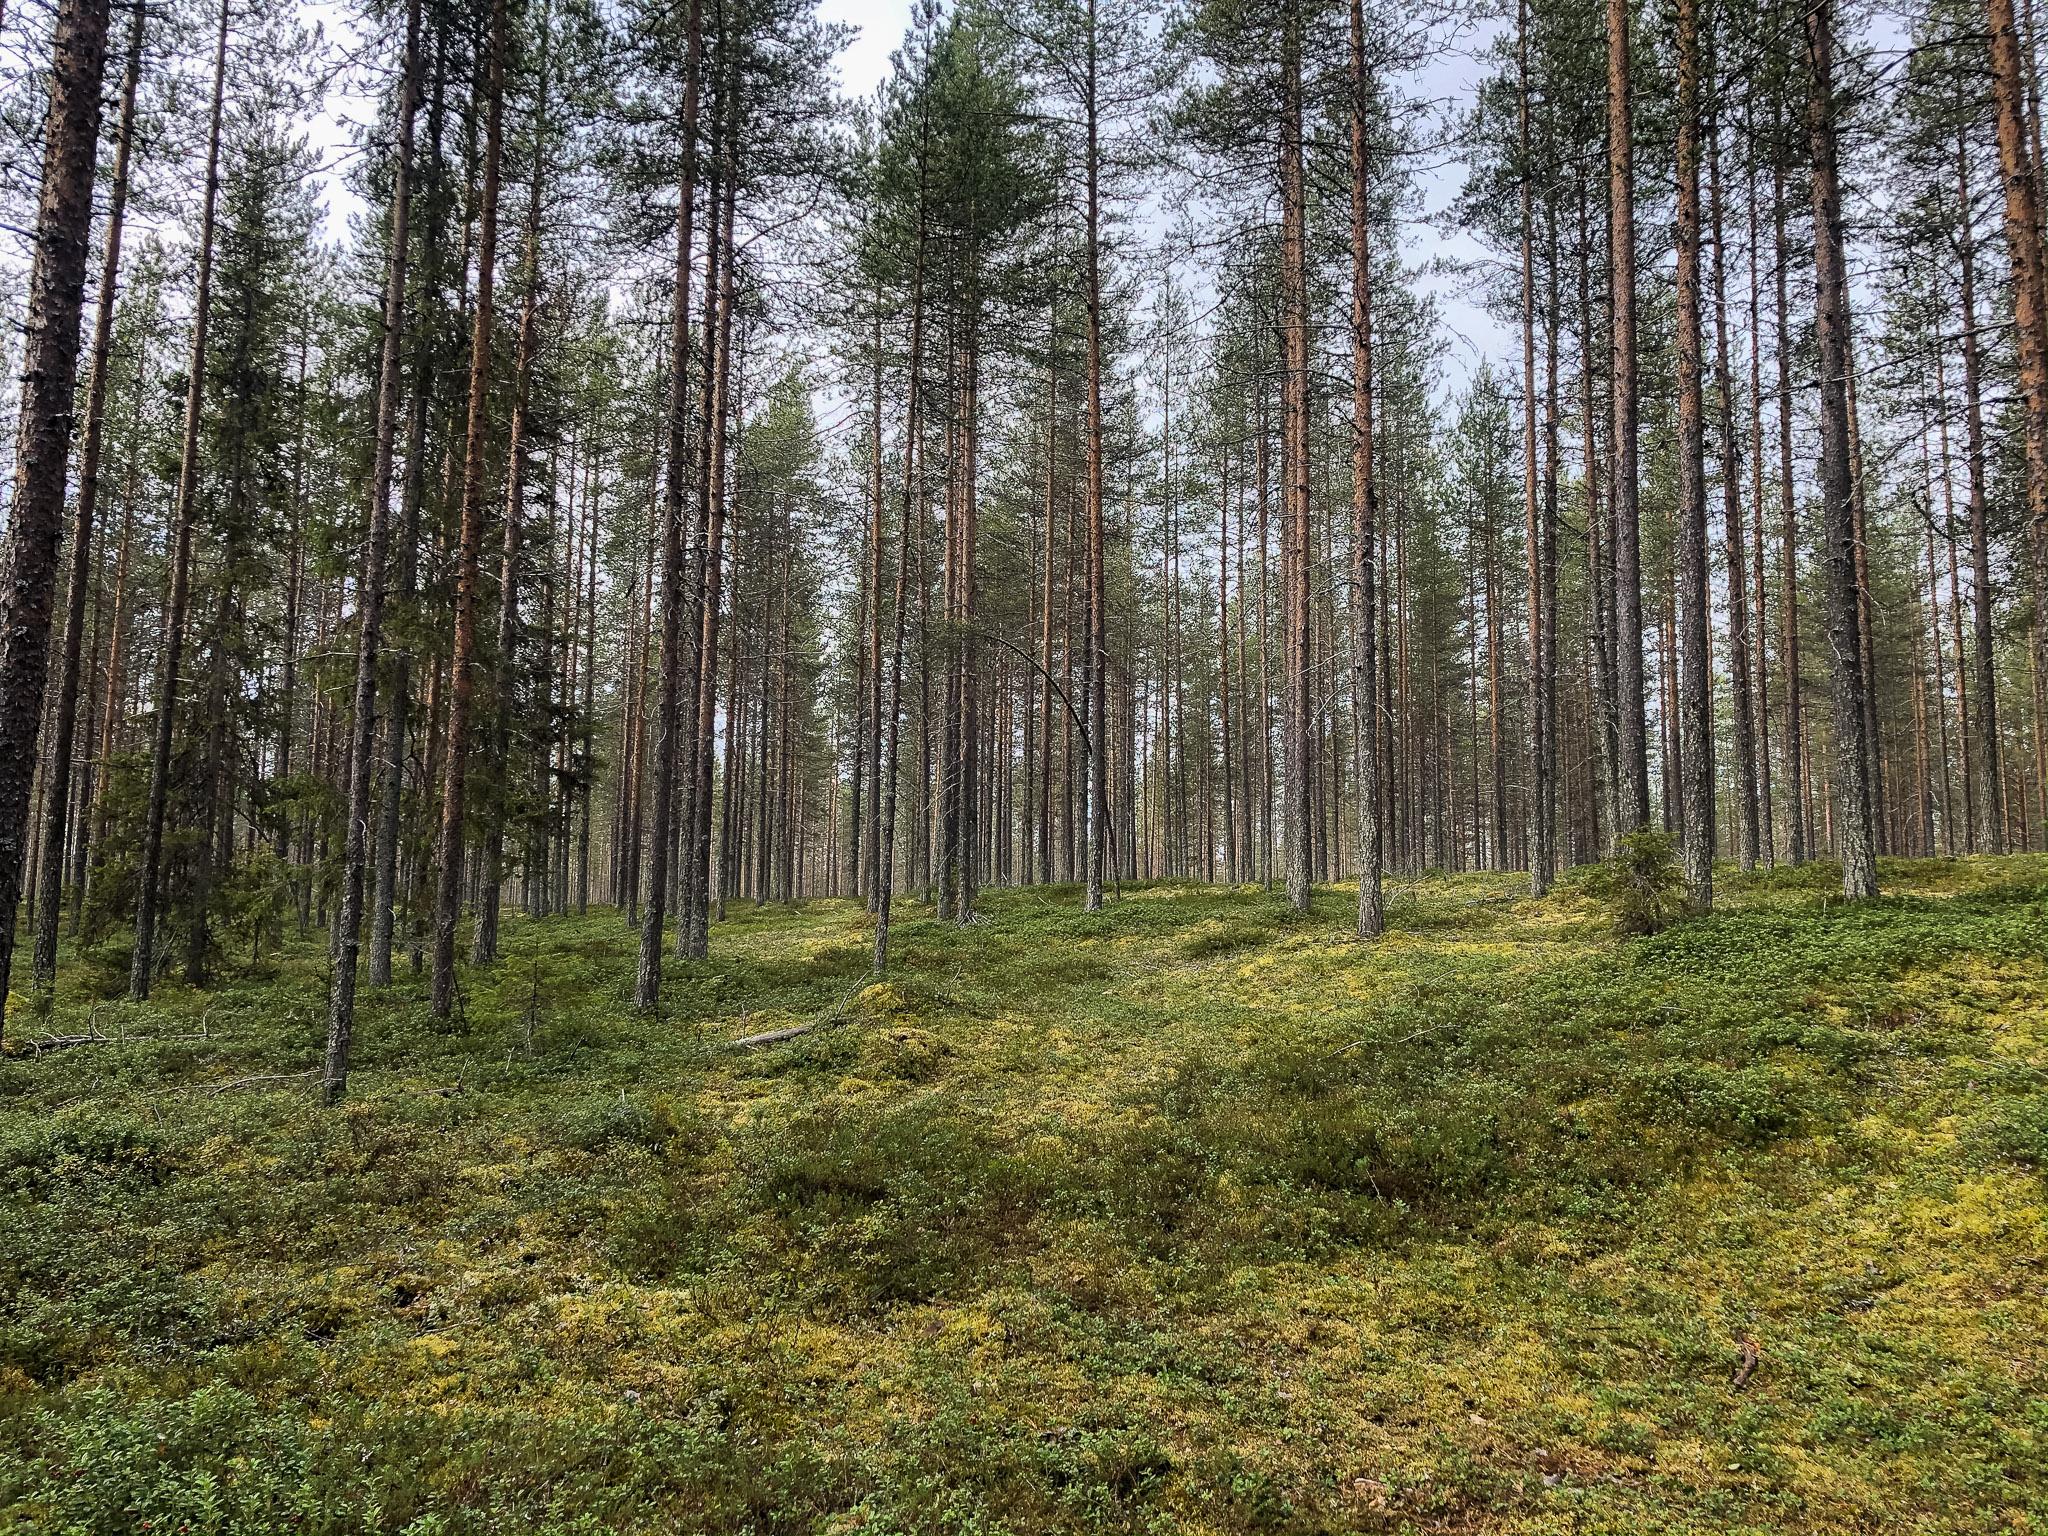 Waldspaziergang bei erster Rast